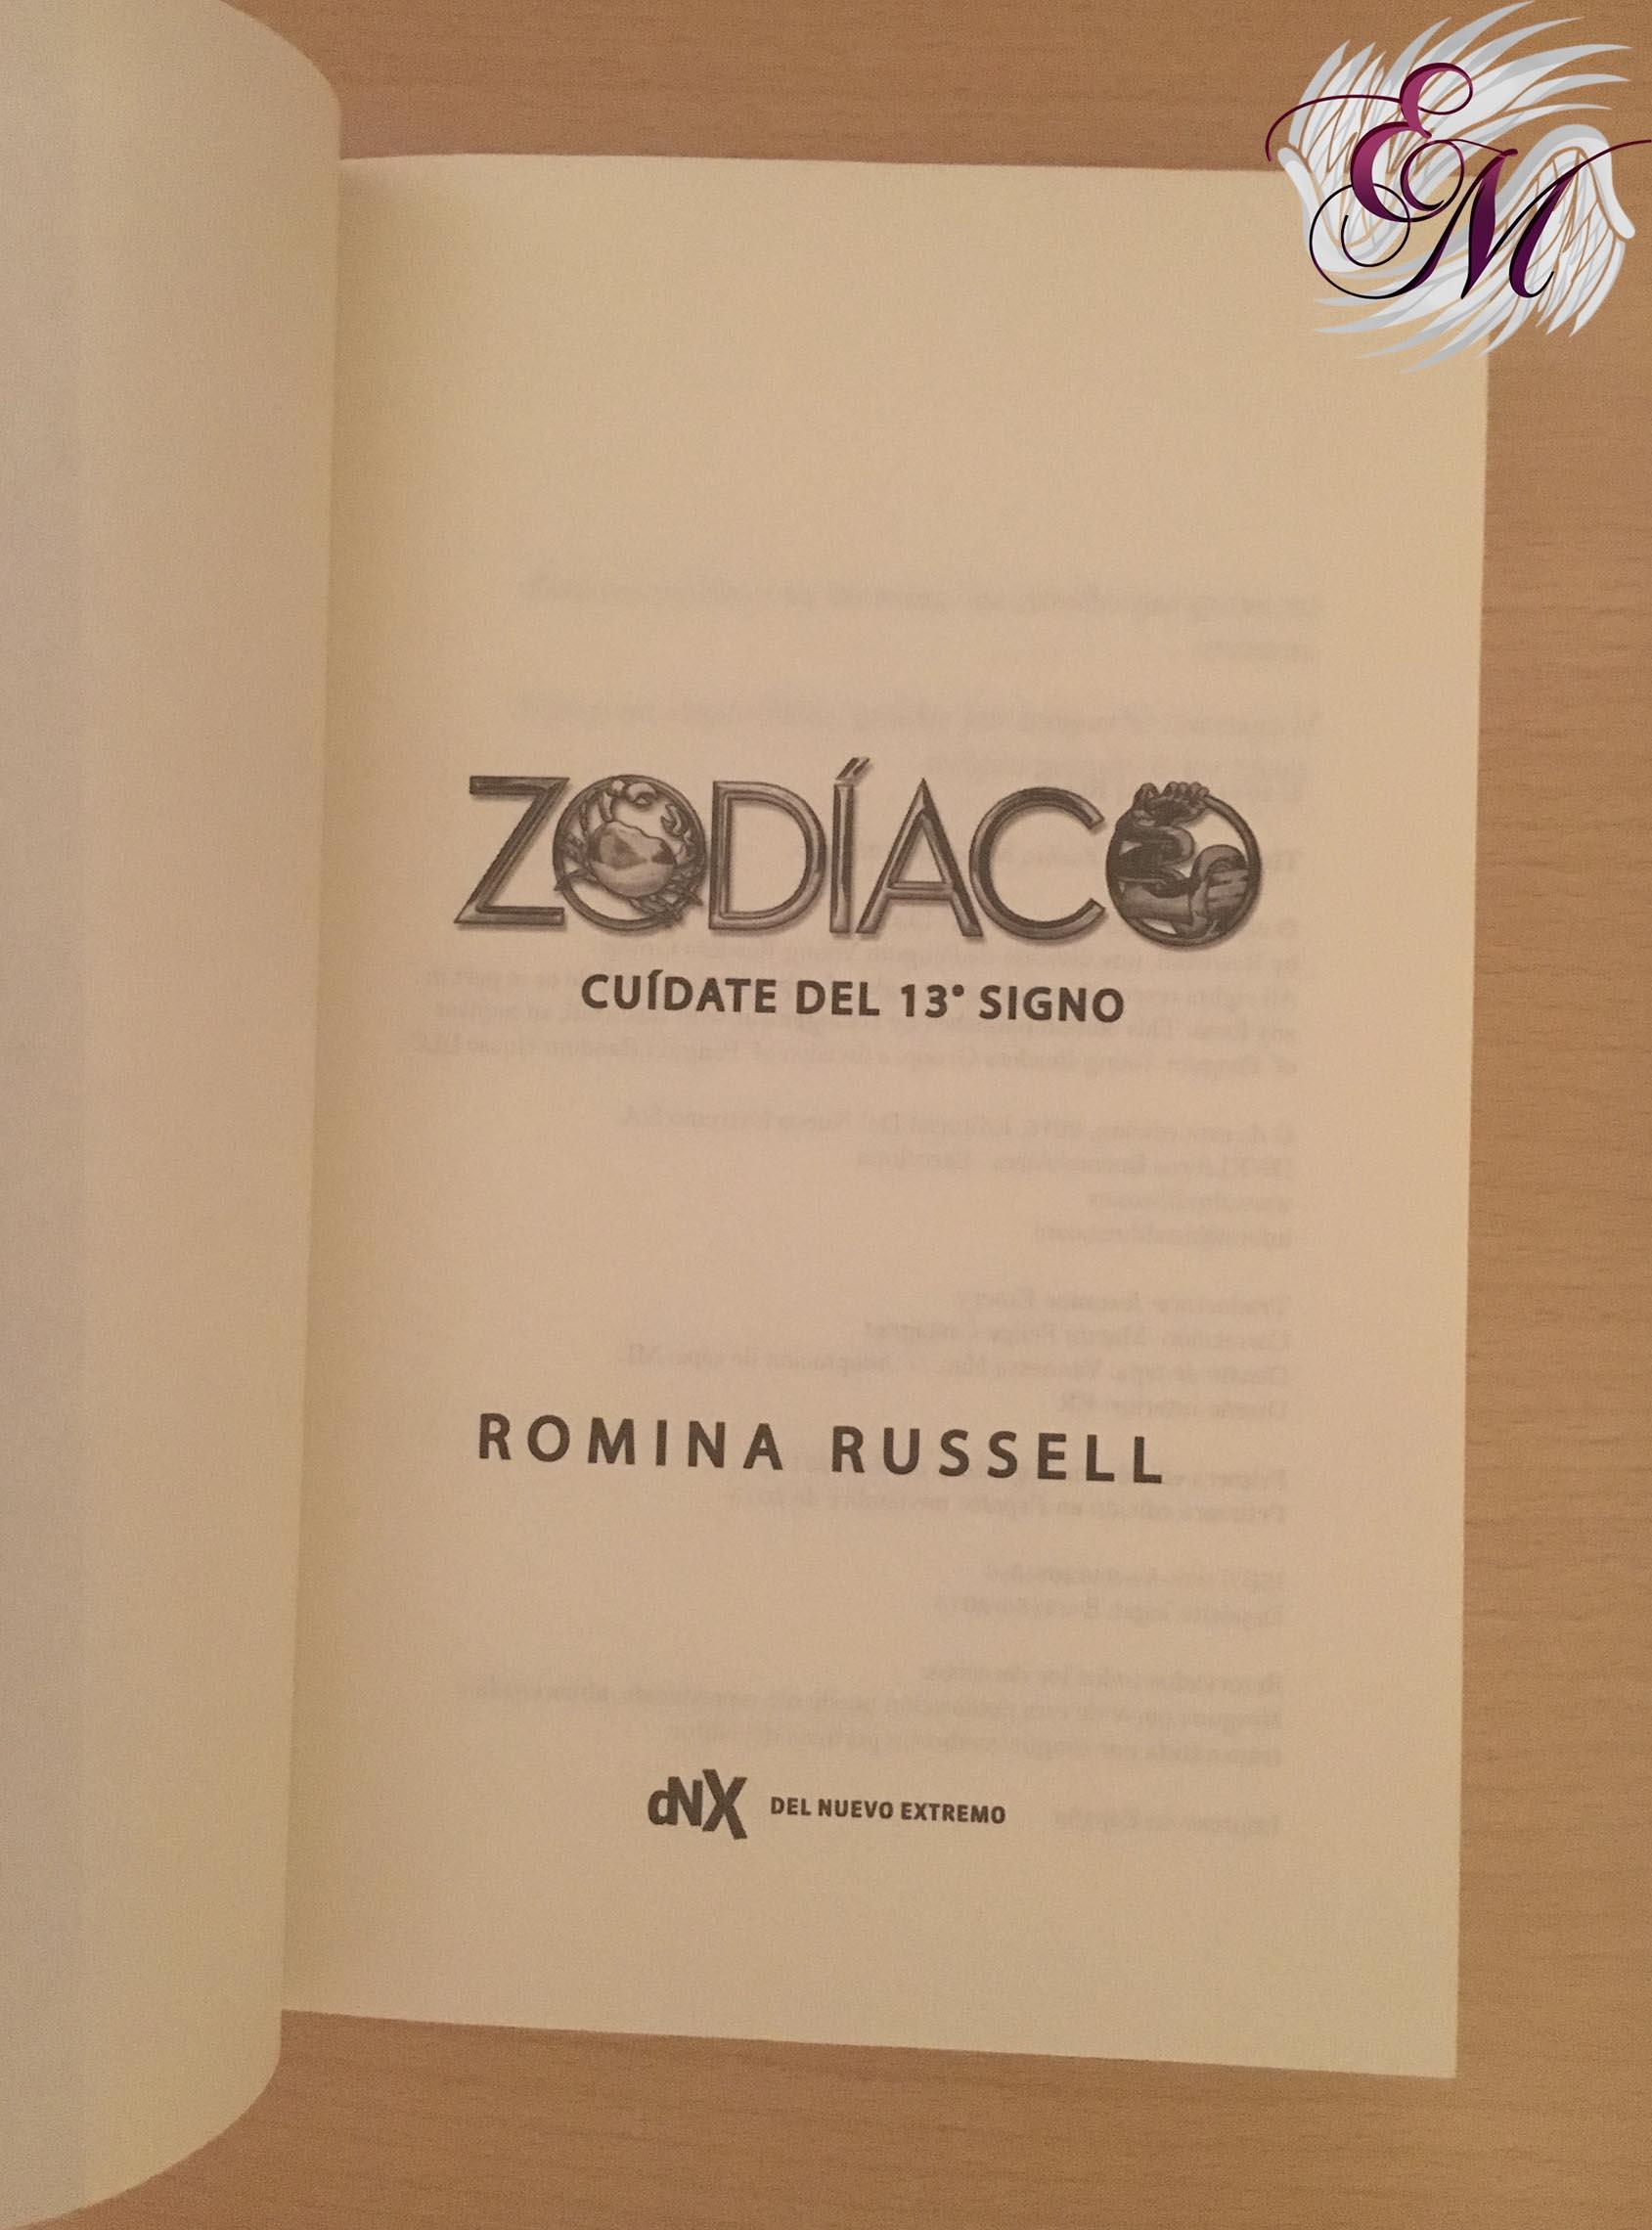 Zodíaco de Romina Russell - Reseña